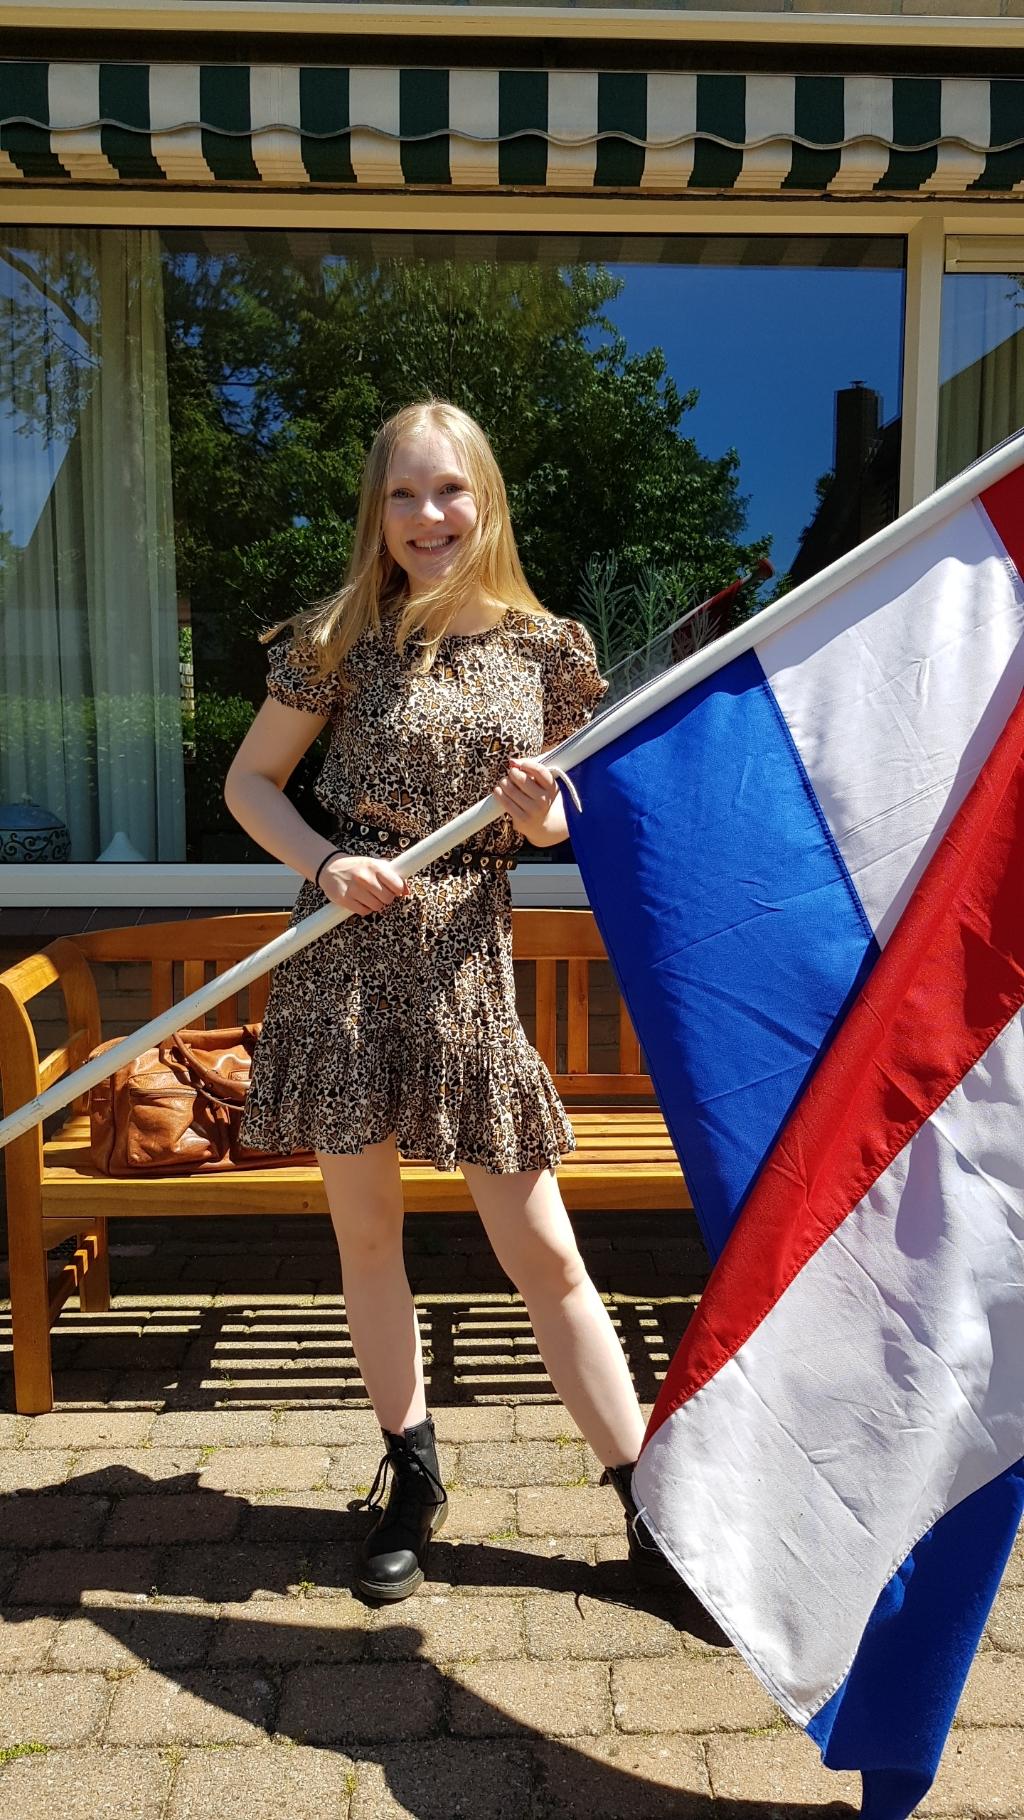 Nila Witte van harte gefeliciteerd met je VWO diploma! Heel veel succes met je studie Geneeskunde in Leiden! Liefs, papa, mama en Merijn. Foto: aangeleverd © Uitkijkpost Media B.v.